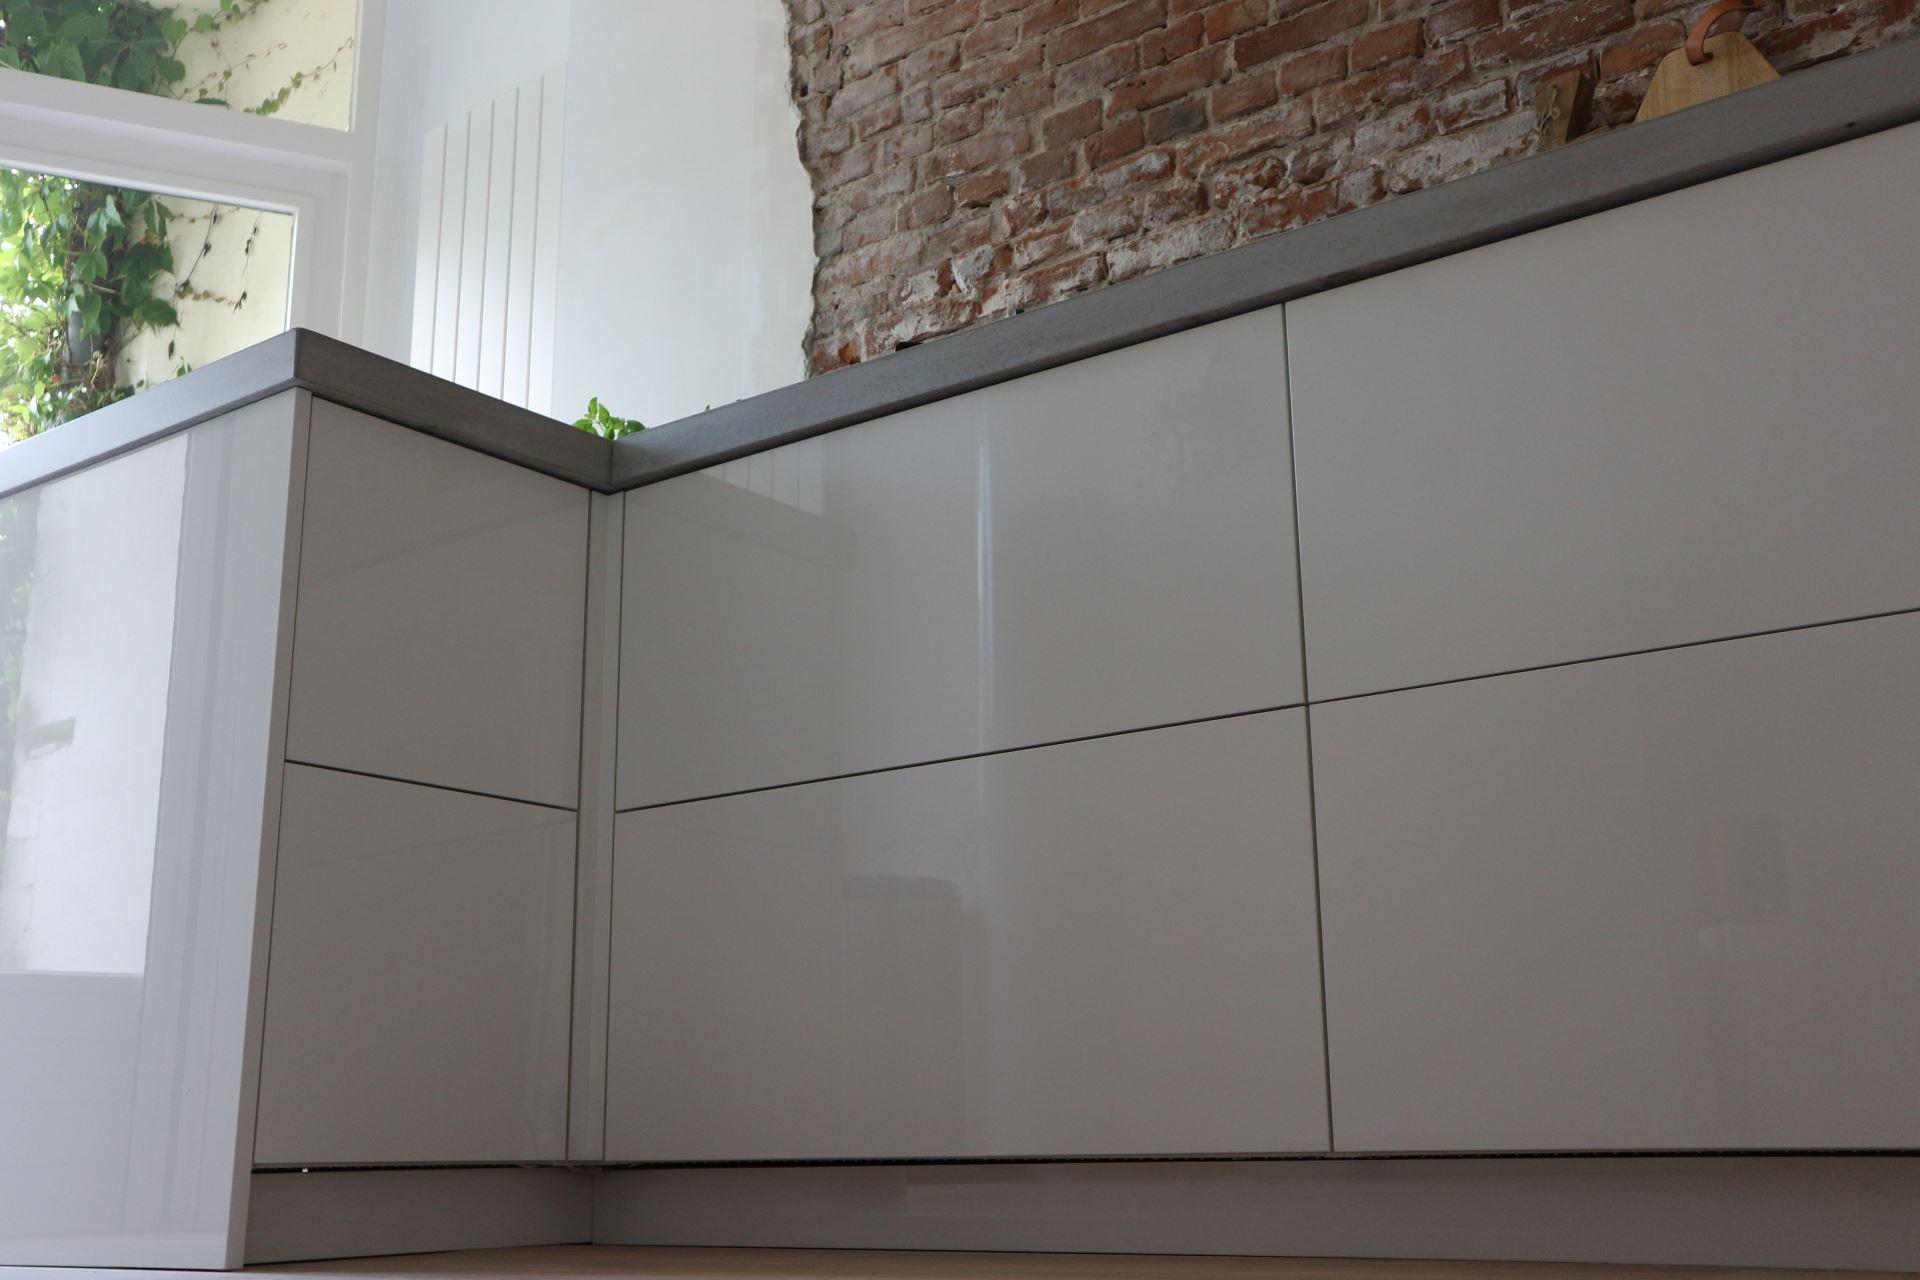 Hoogglans Witte Keuken : Maatwerk keuken hoogglans wit greeploos bmi ontwerp realisatie